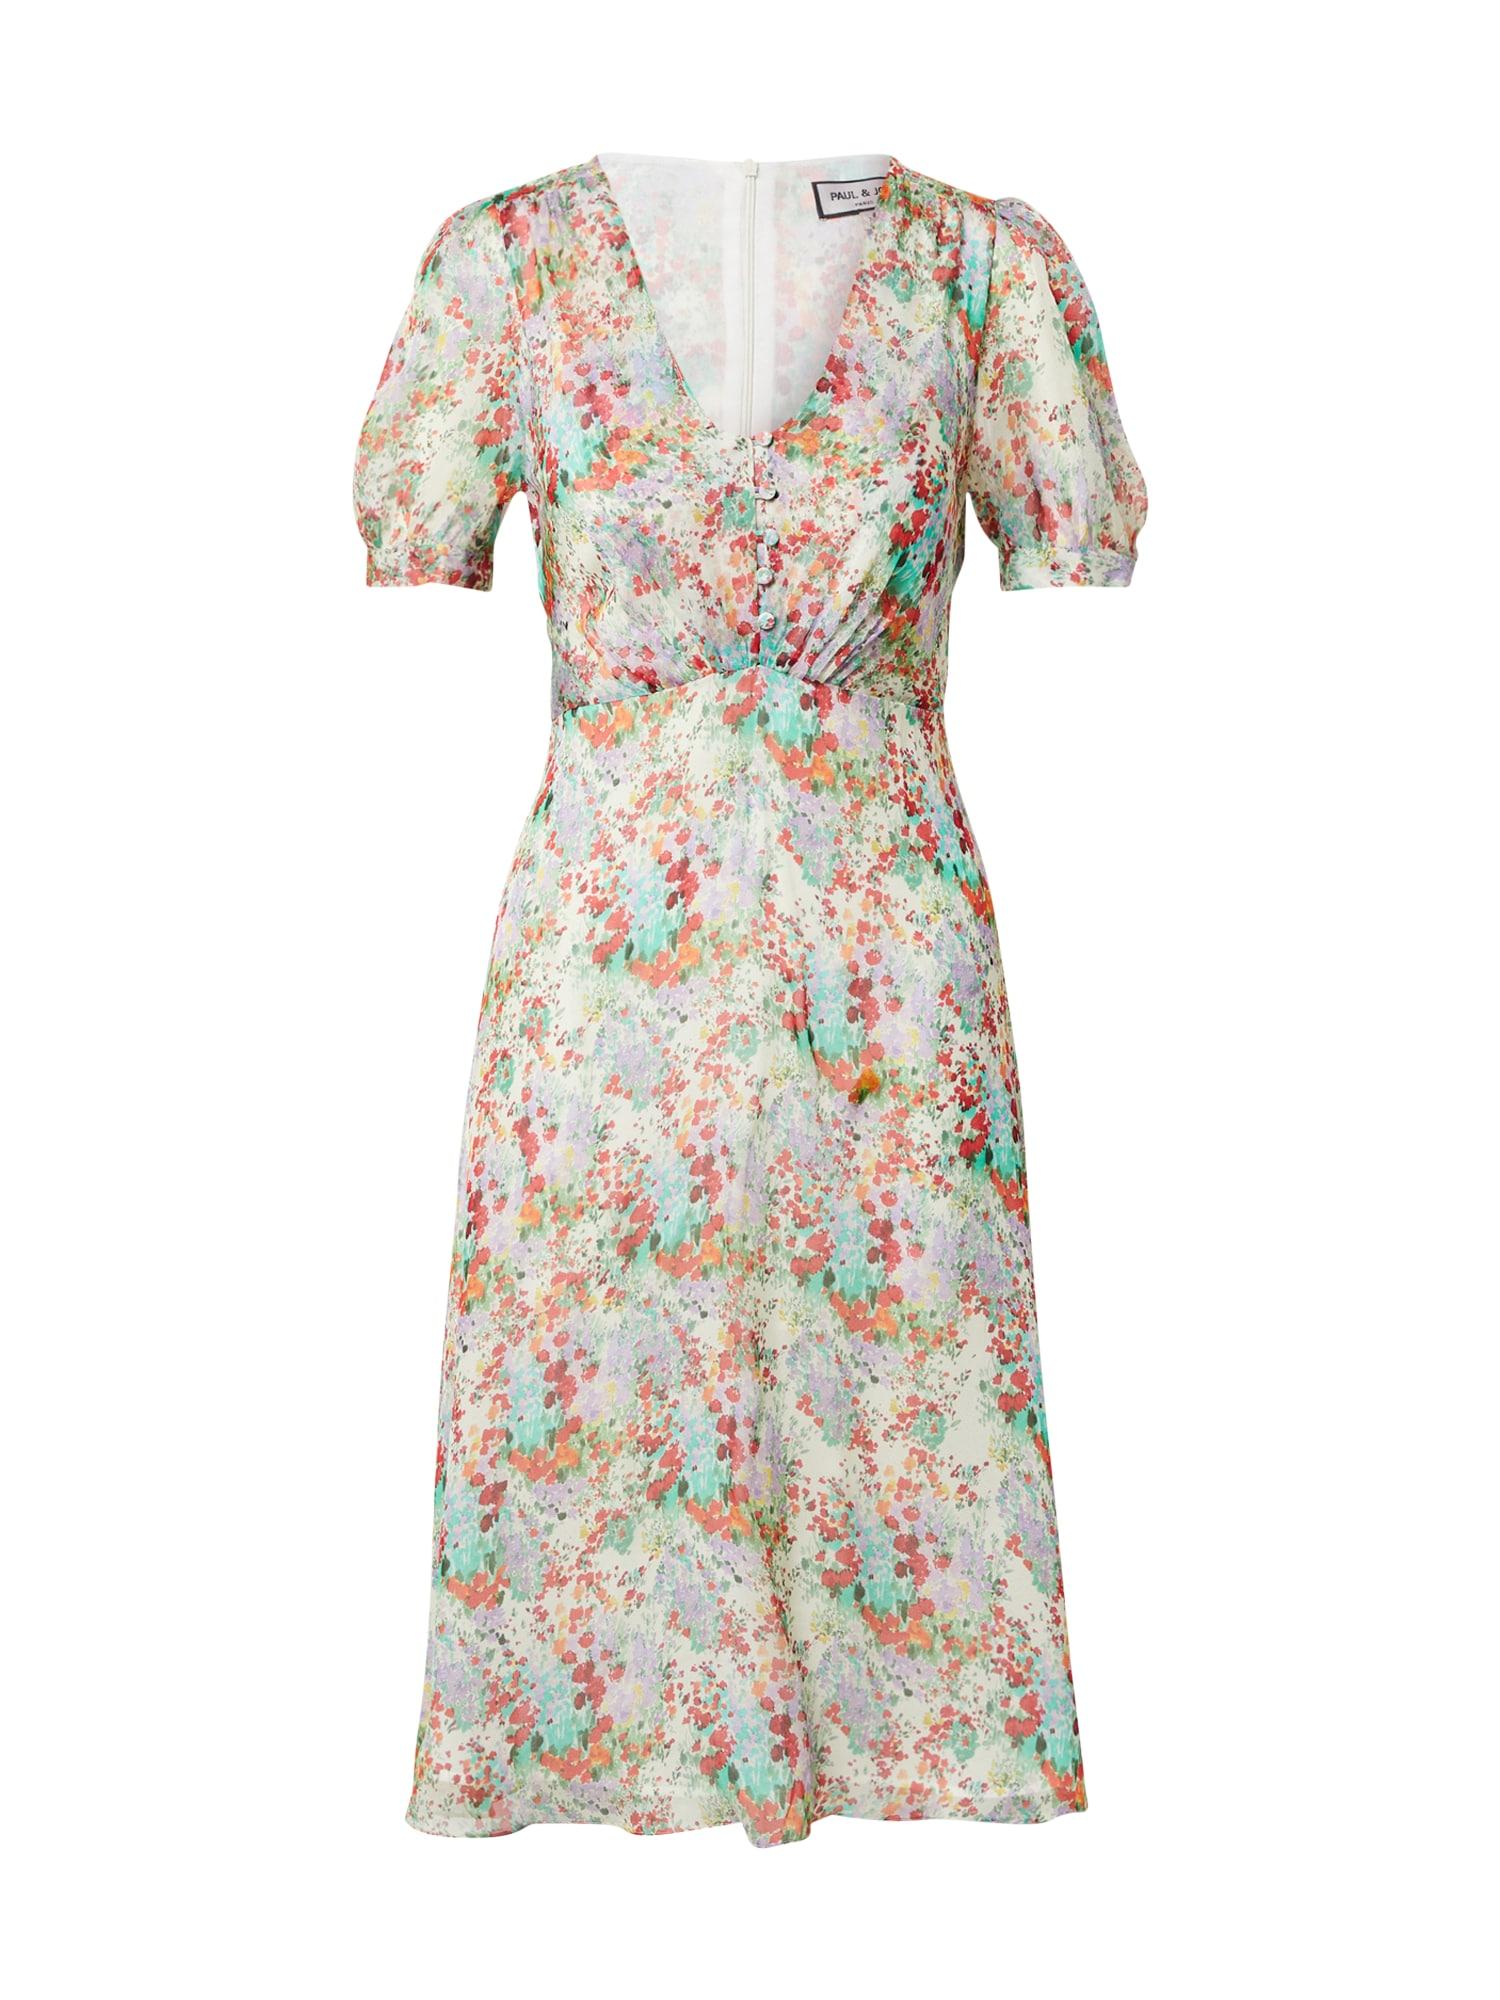 PAUL & JOE Palaidinės tipo suknelė mišrios spalvos